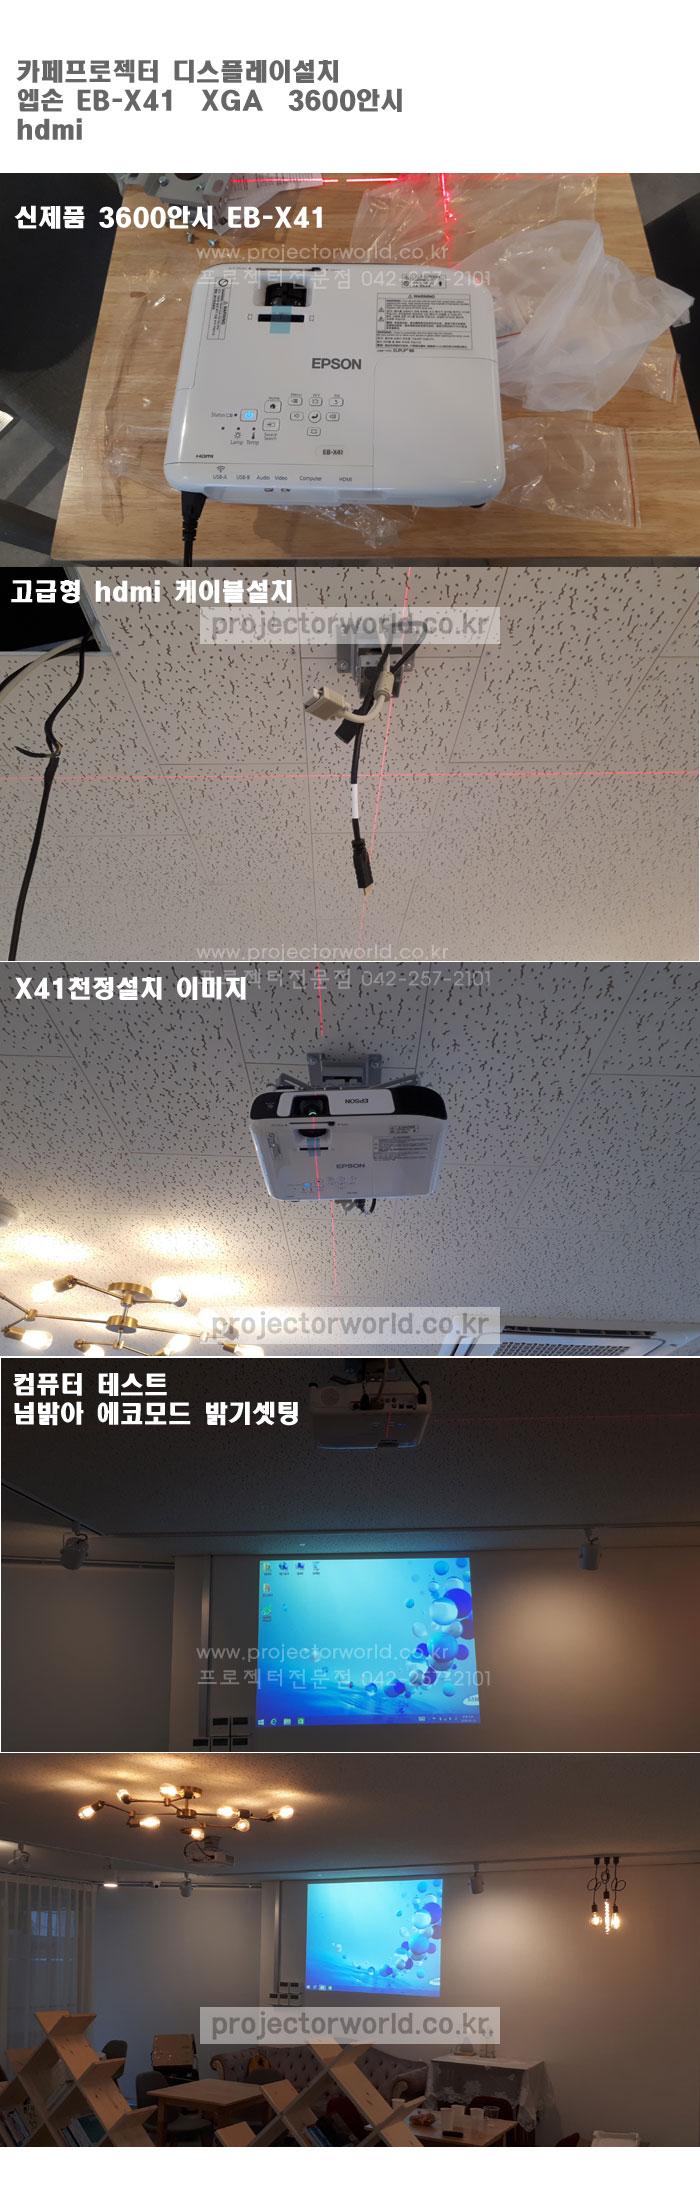 EB-X41,EB-U05,대전빔프로,